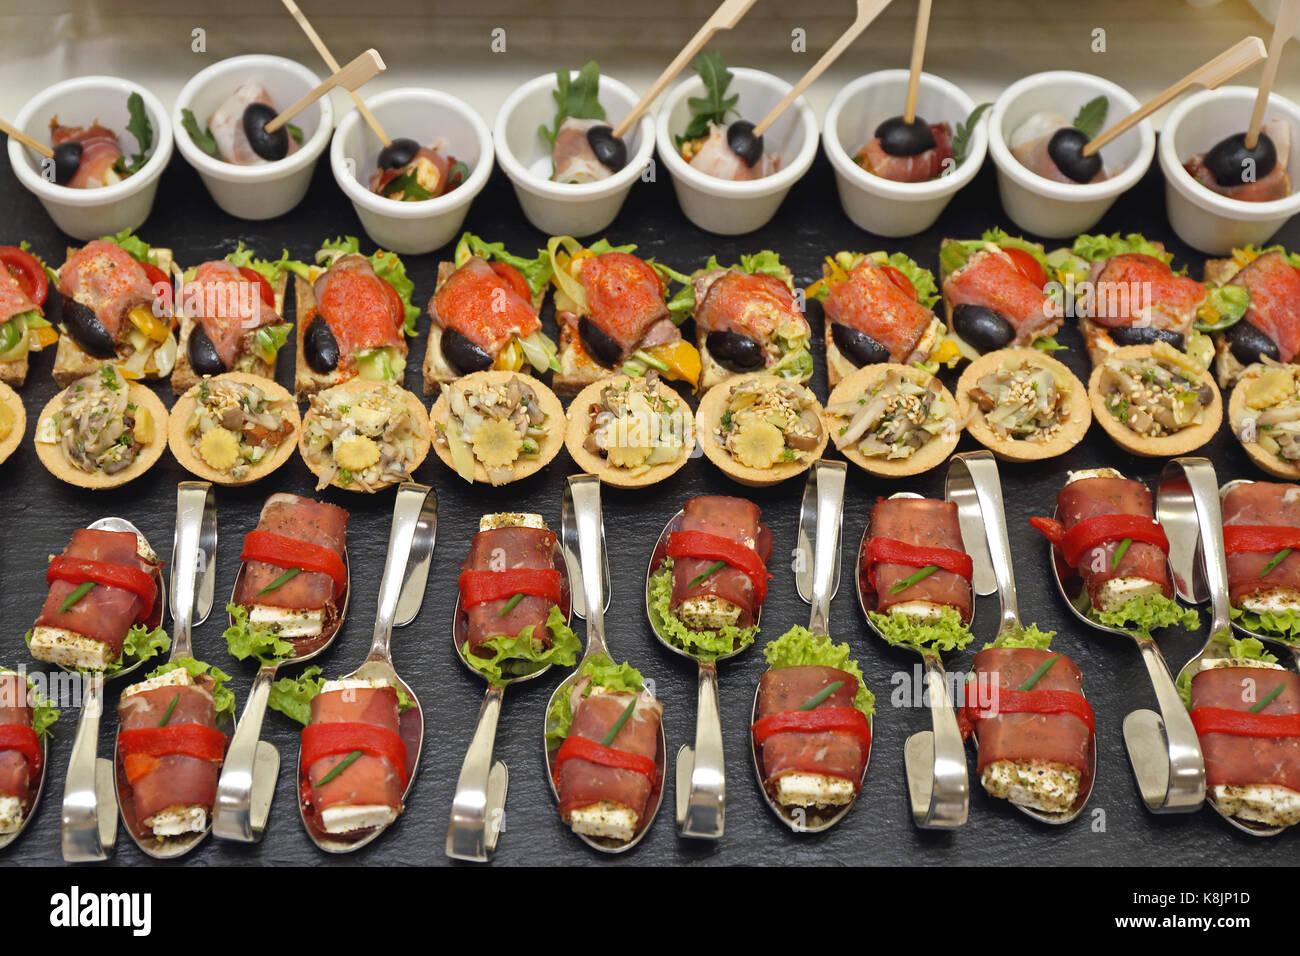 Canape cuisine de fête servi en cuillères pliées Photo Stock